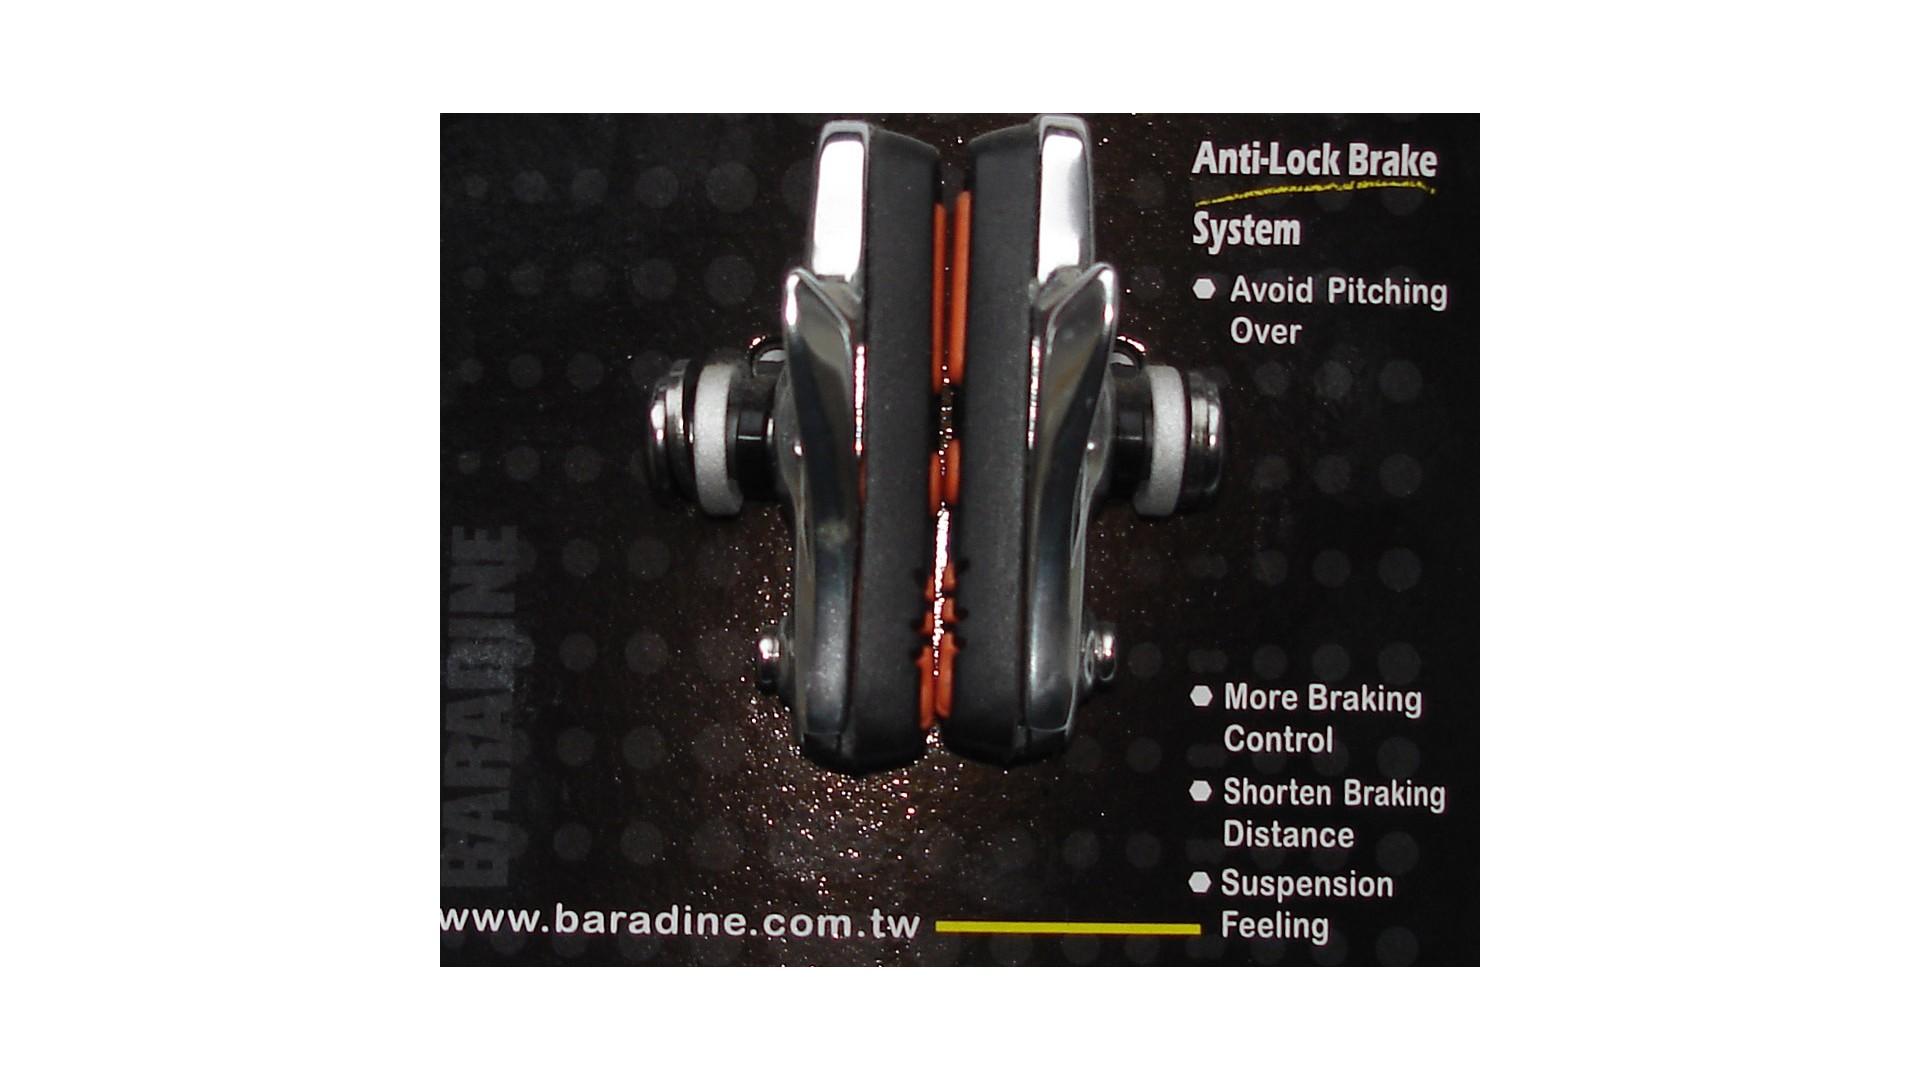 Тормозные колодки Baradine. Road. Алюминиевый корпус. ABS